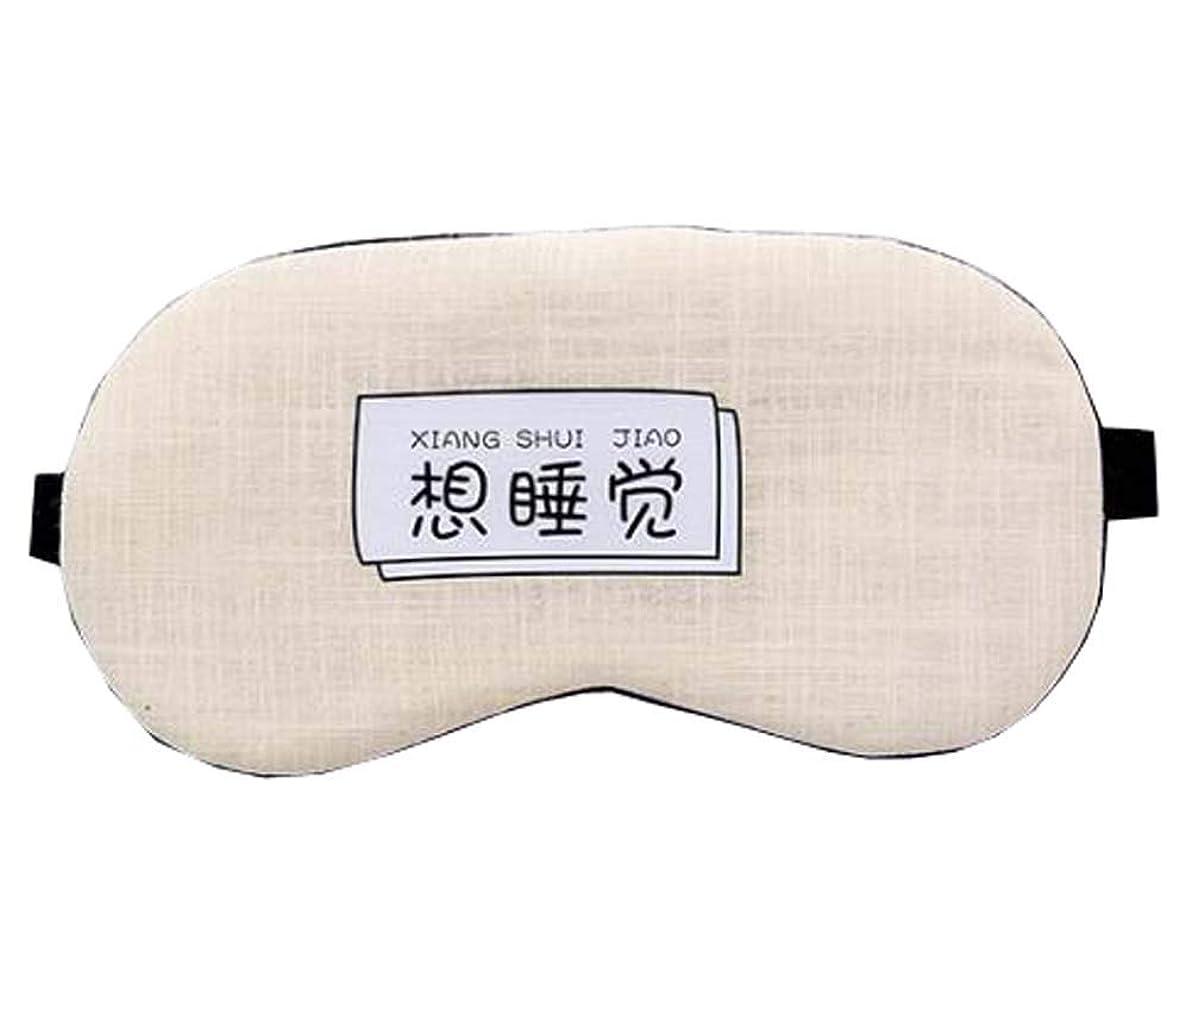 プロトタイプ重量モールス信号快適なかわいい目のマスクは、睡眠の作業のために、不眠症とストレスを緩和、A